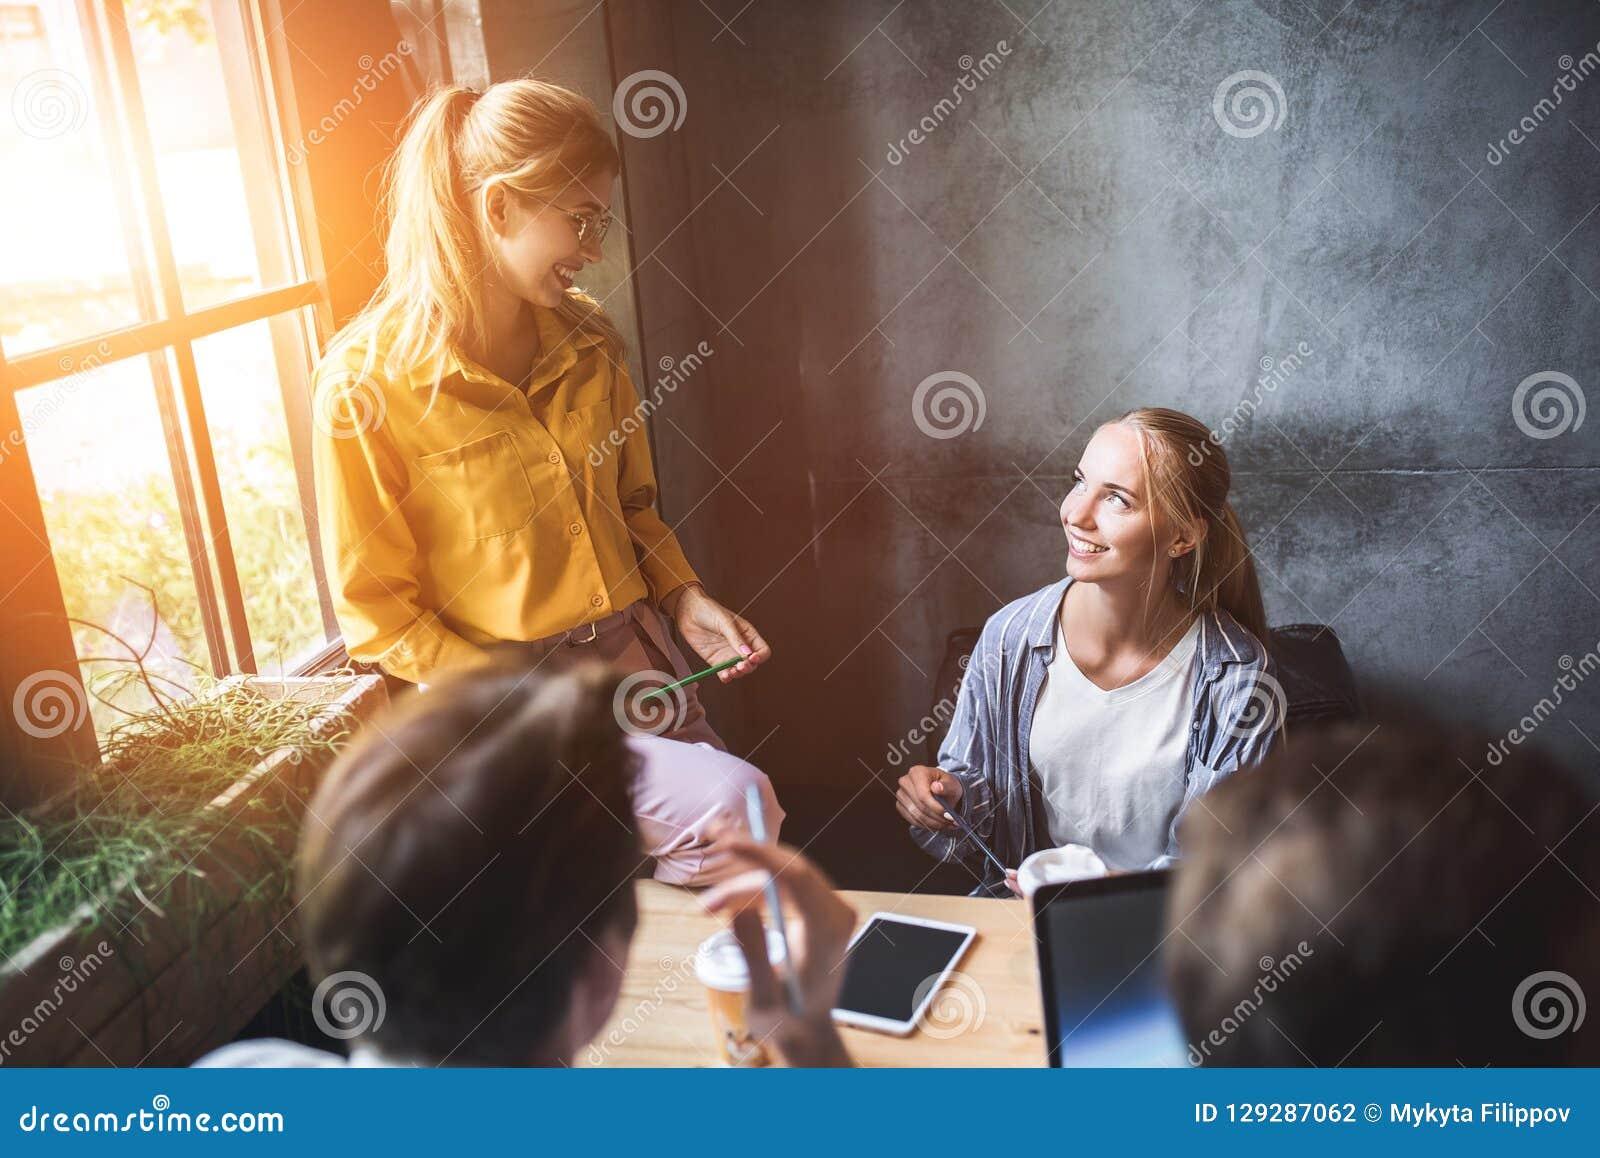 Ομάδα διαφορετικών σχεδιαστών που έχουν μια έννοια συνεδρίασης Ομάδα των γραφικών σχεδιαστών που διοργανώνουν μια συνεδρίαση στην